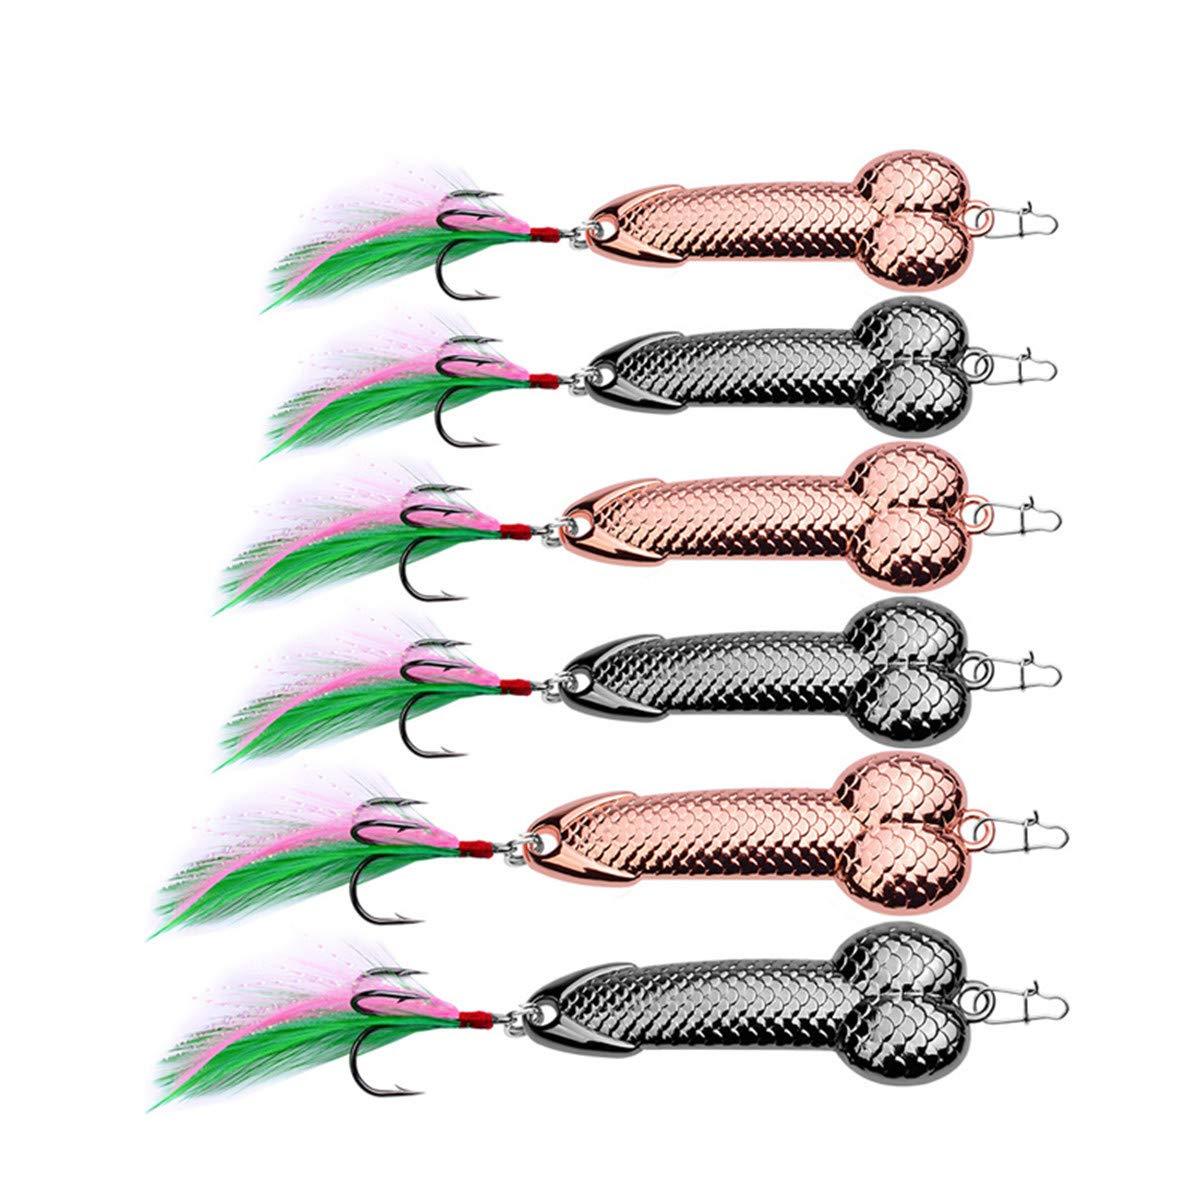 Rose Gold Harte VIB Metall Wobble Fisch Penis Form Lockt L/öffel Lure Feder K/öder Haken Angelger/ät 3g-36g Longzhuo 2 St/ücke Schwarz